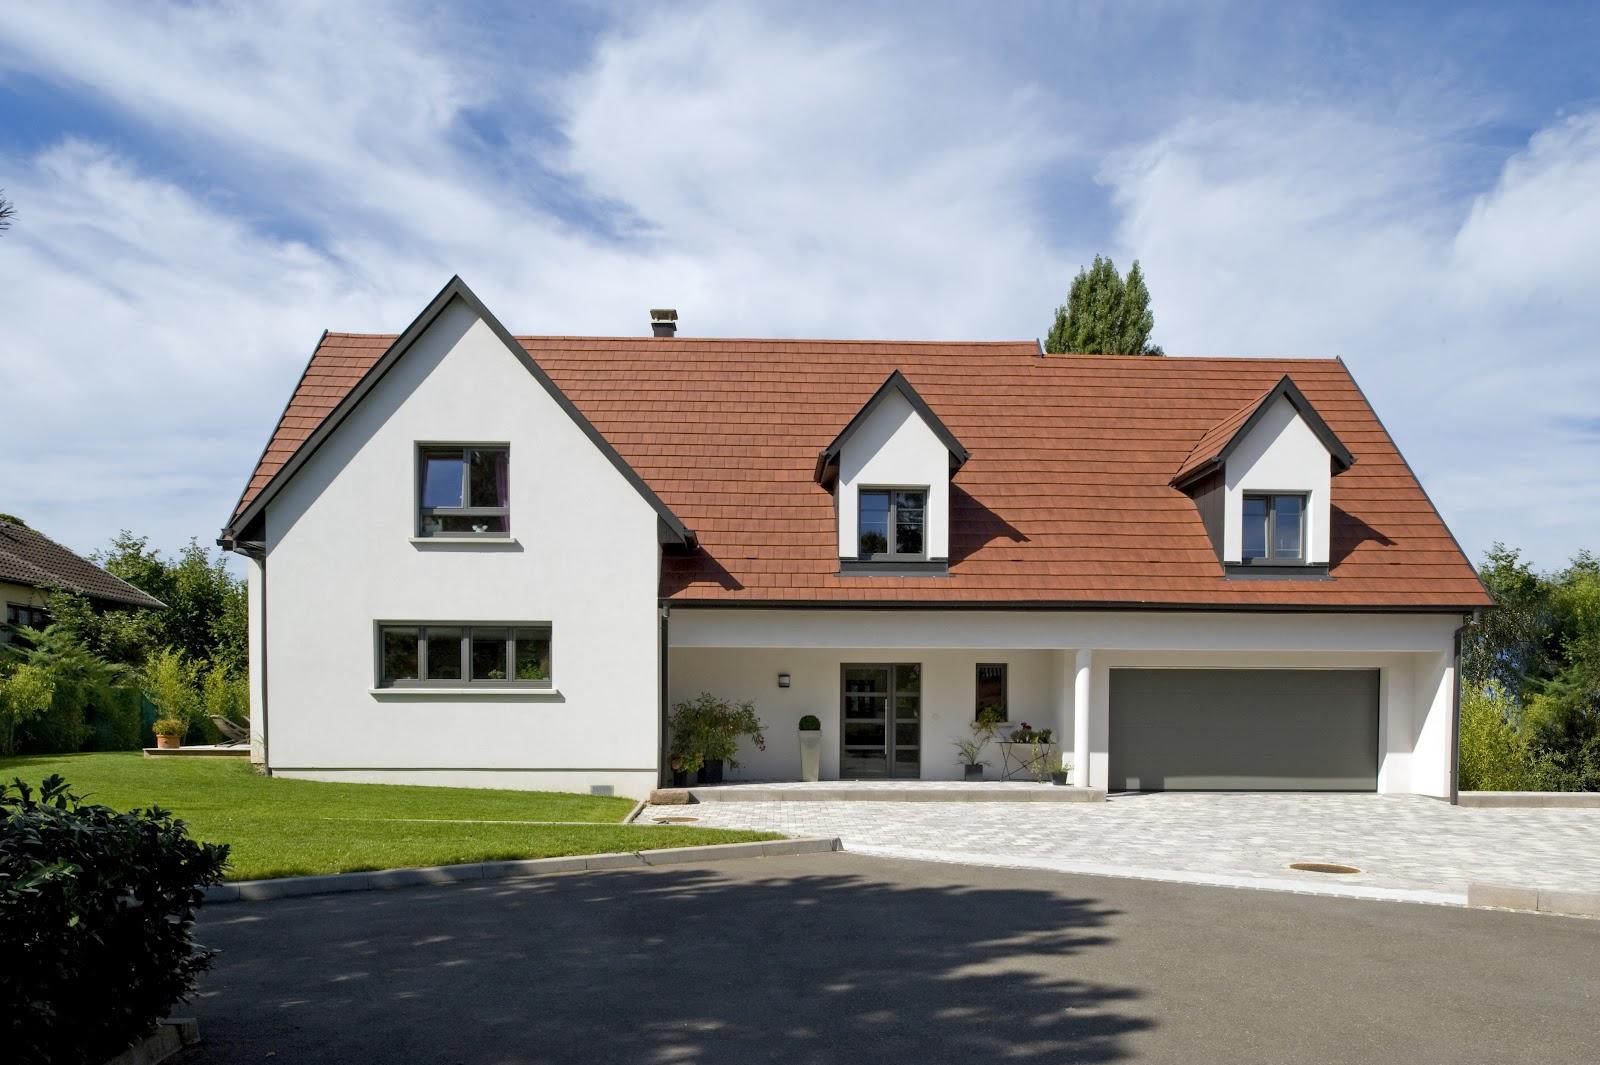 les maison d aujourd hui perfect dsc with les maison d. Black Bedroom Furniture Sets. Home Design Ideas